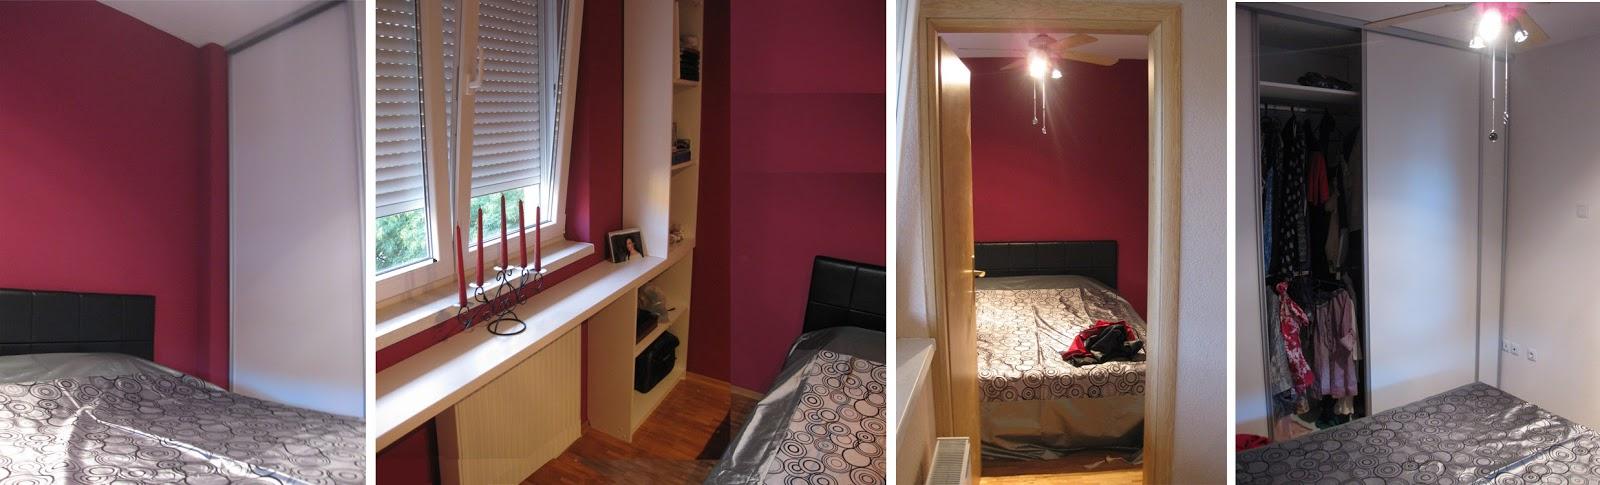 Enterijer djevojačkog stana, Banjaluka 2012 / Girl apartment interior project...